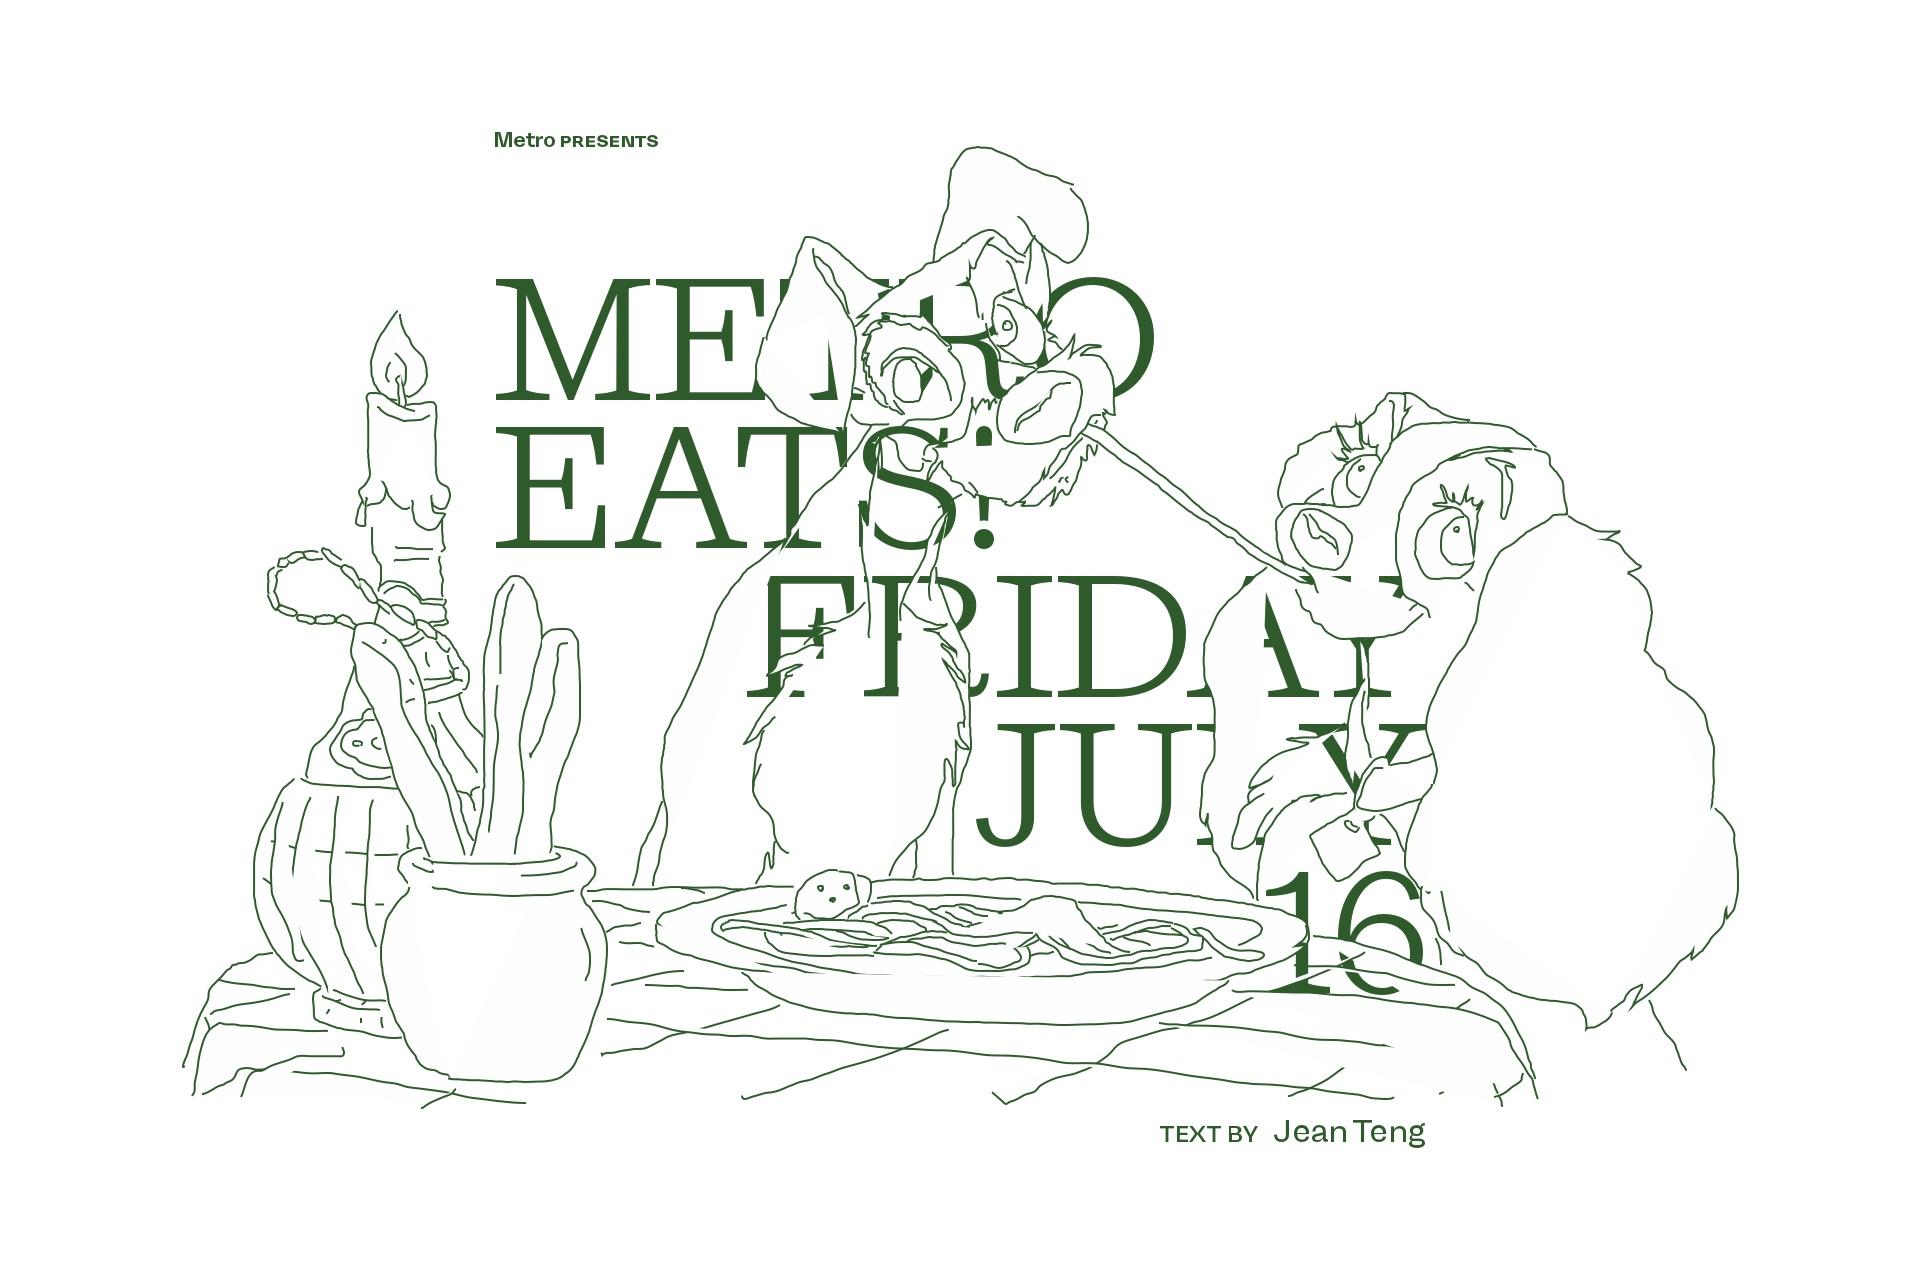 Metro Eats — Friday 16 July